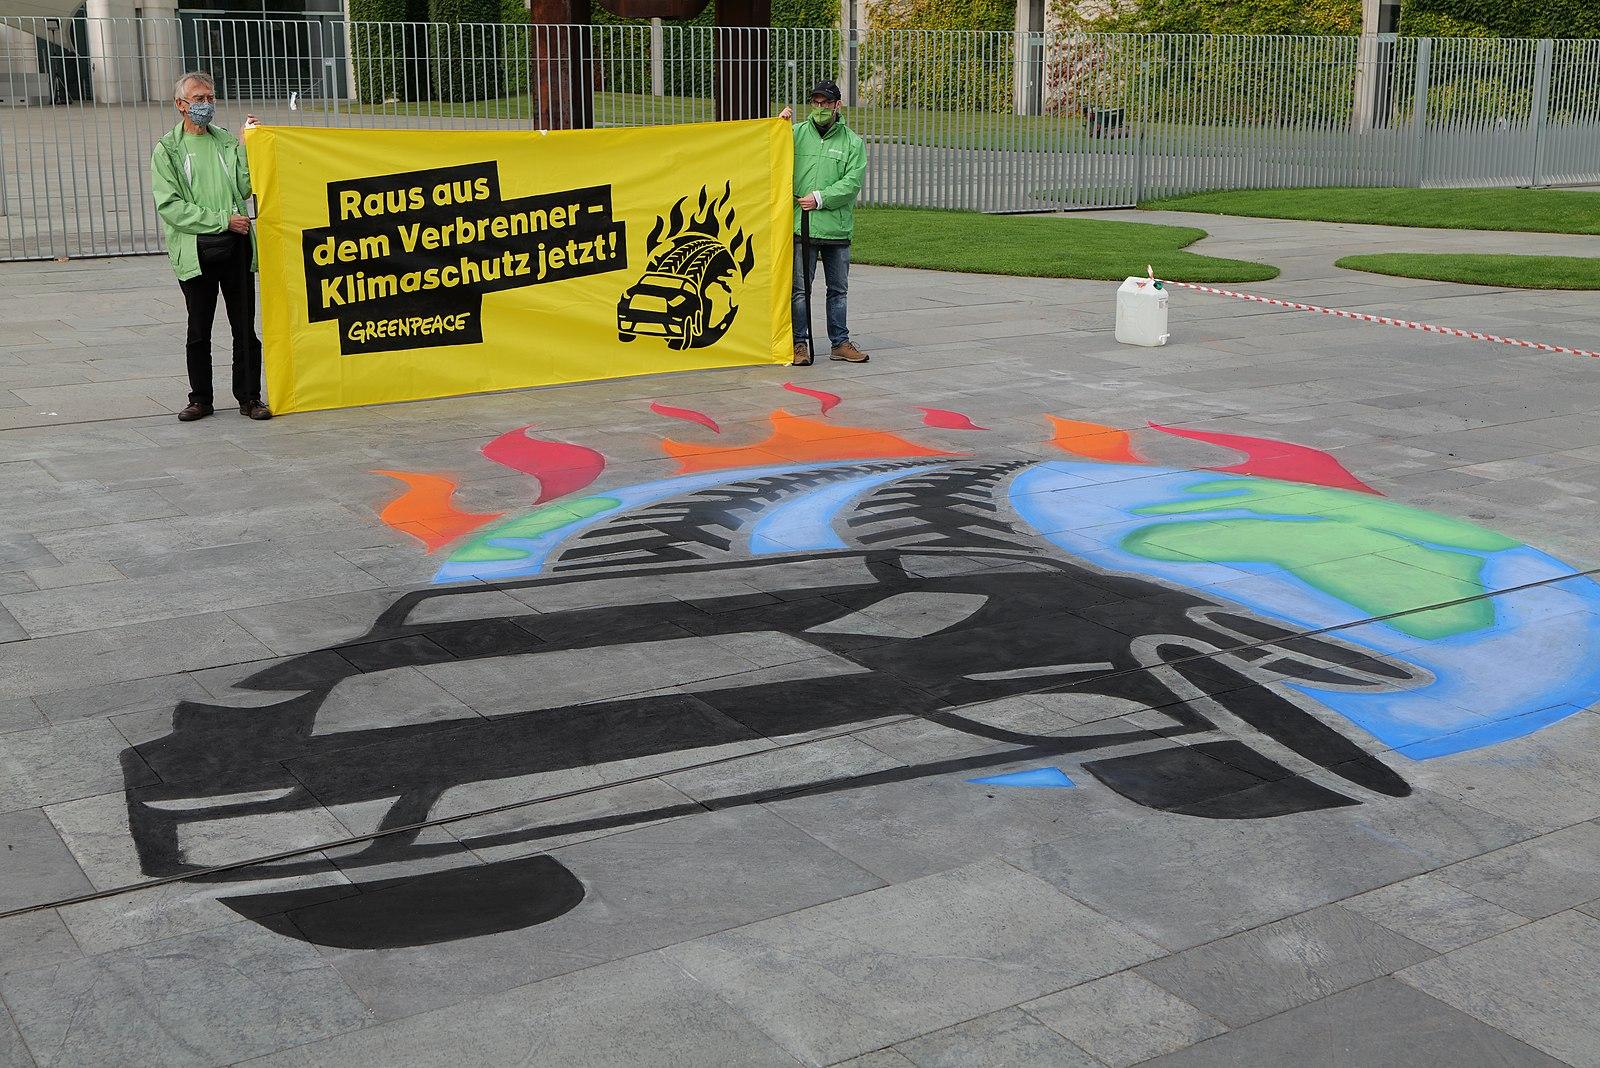 Arte in difesa dell'ambiente e dell'ecologia